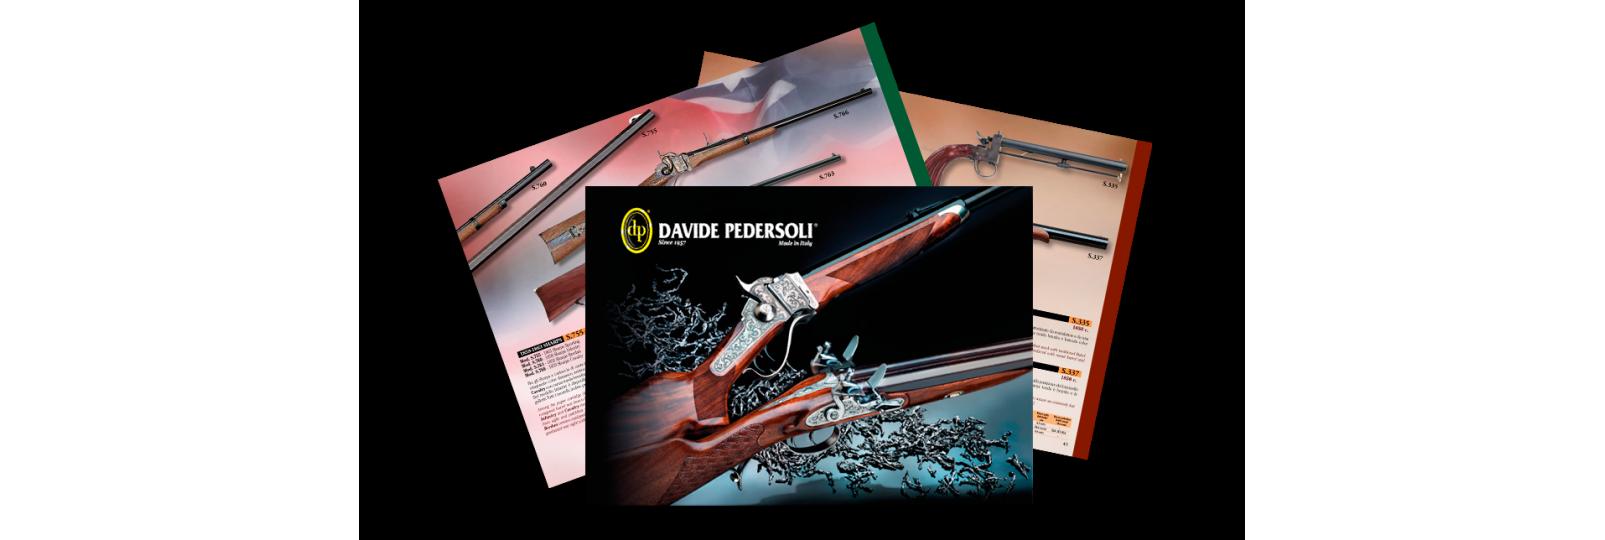 2013 catalogue (ita/eng)